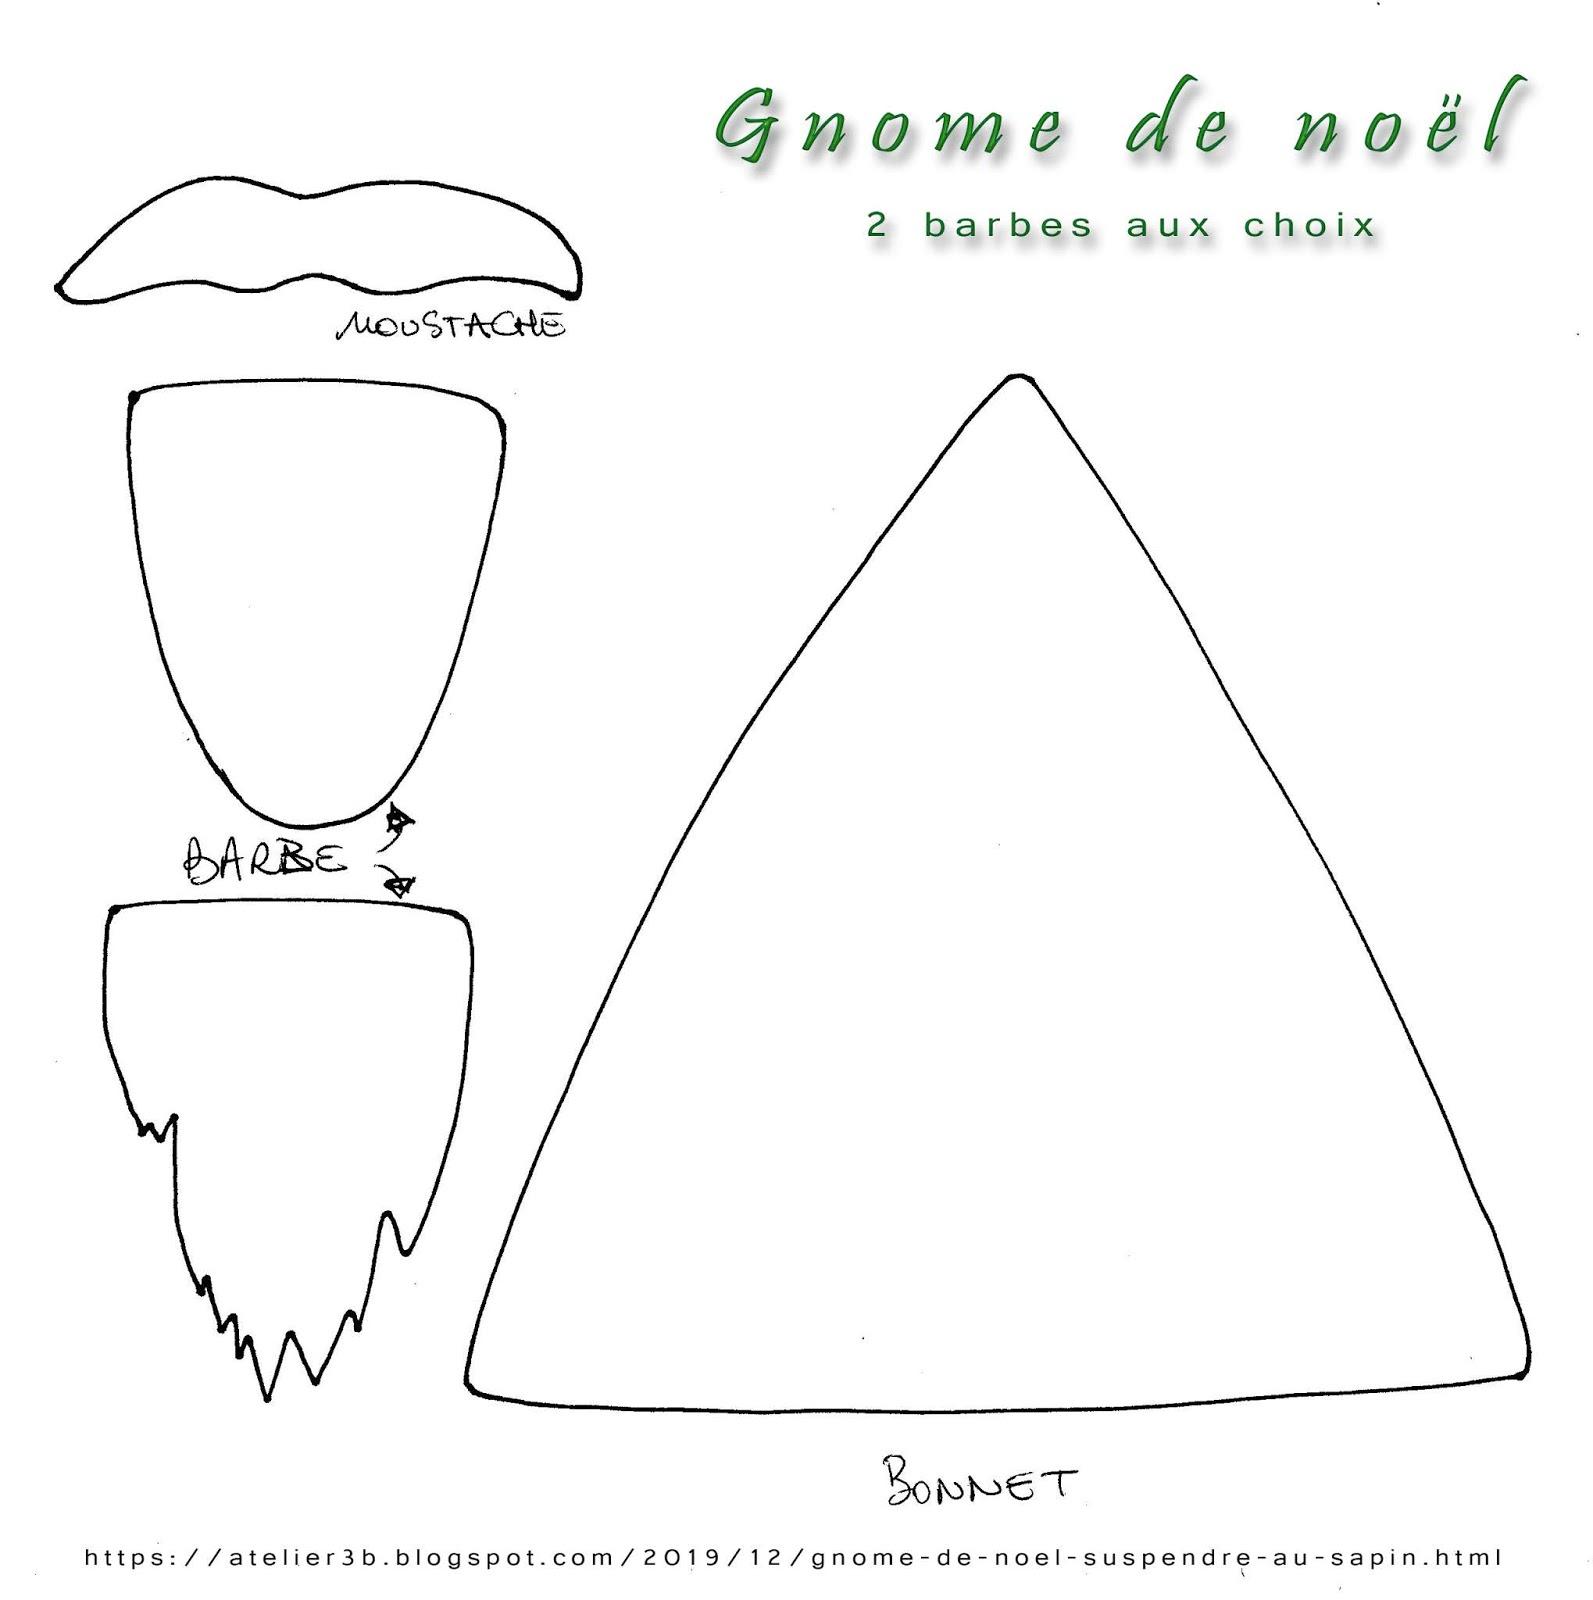 La Boite À Idées De L' Atelier 3B* * *: Gnome De Noël À concernant Gabarit Sapin De Noel